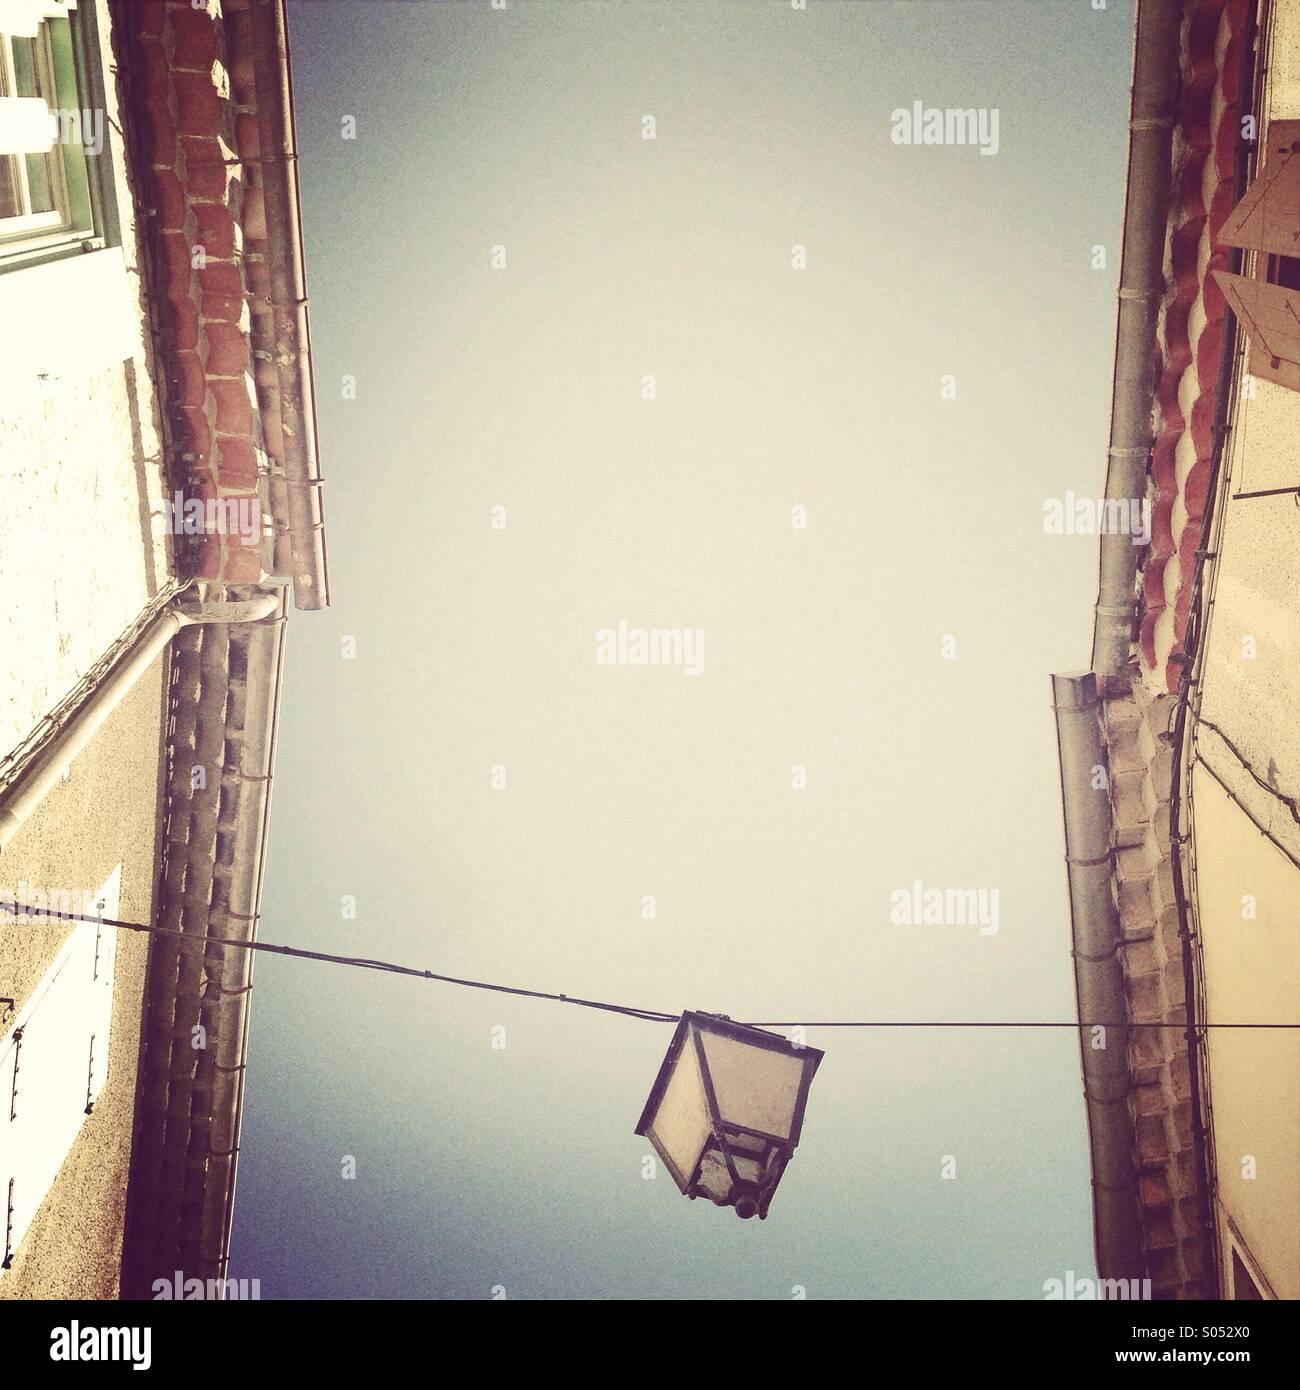 Recherche d'une lanterne à la lumière de la rue entre deux immeubles Photo Stock